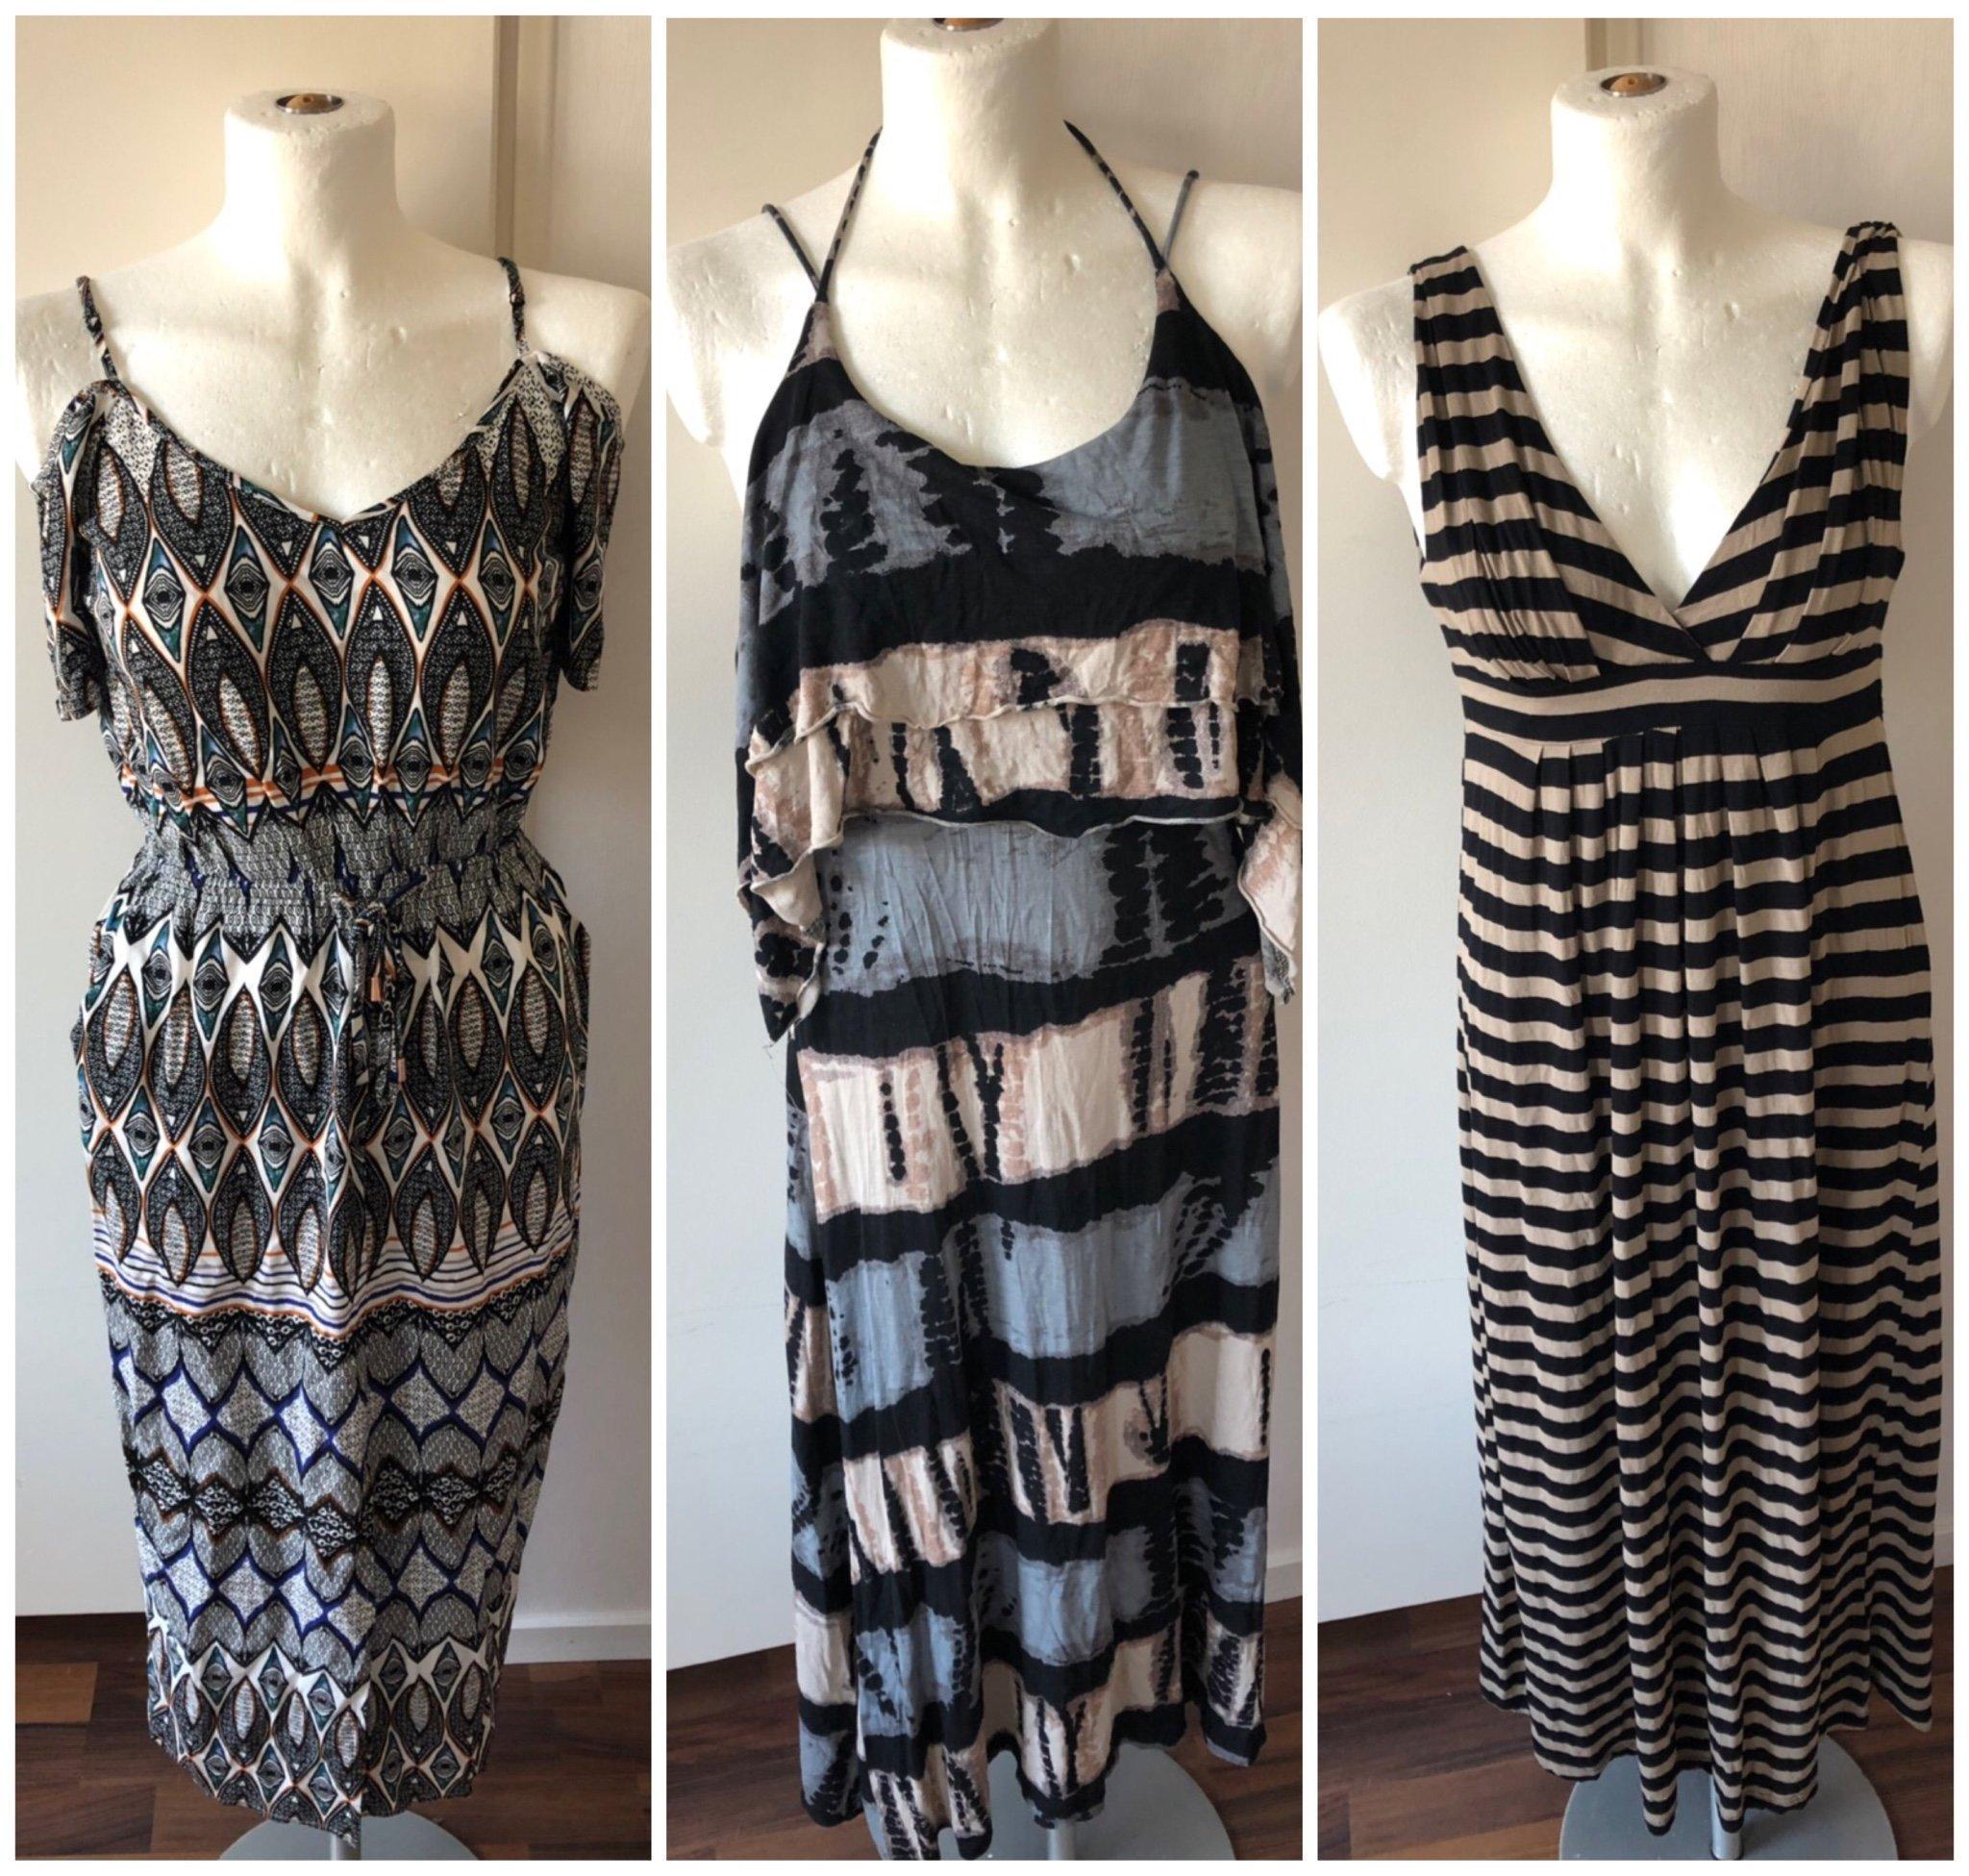 2f8c56f9d450 Fint klädpaket Klänningar s/xs Långklänning maxiklänning Lindex  sommarkläder ...